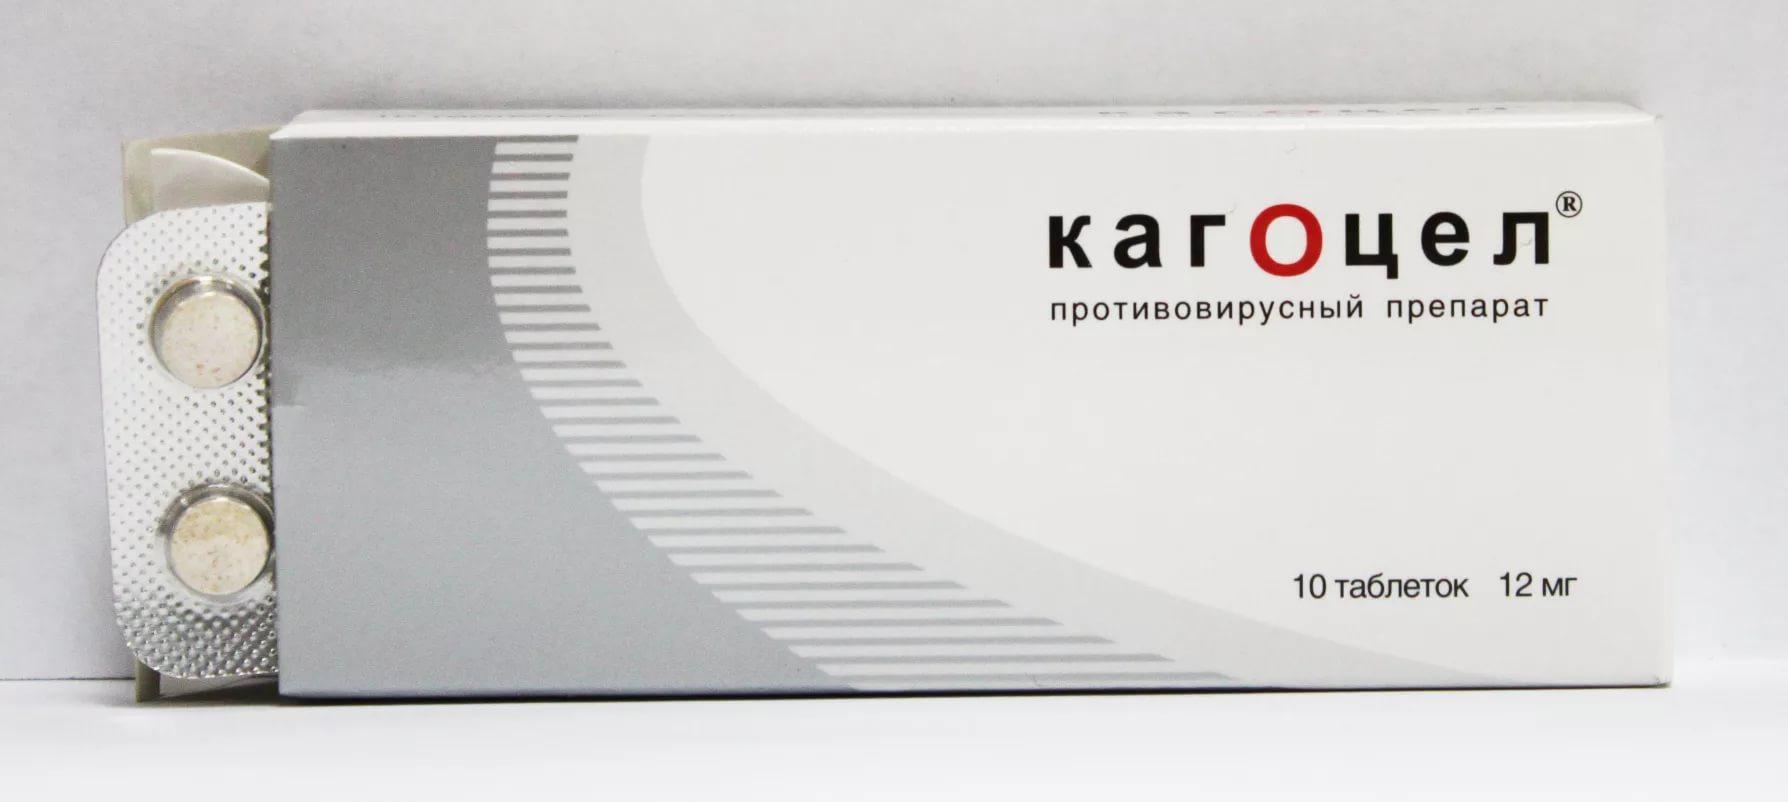 Кагоцел - противовирусный препарат, 10 таблеток в пачке.